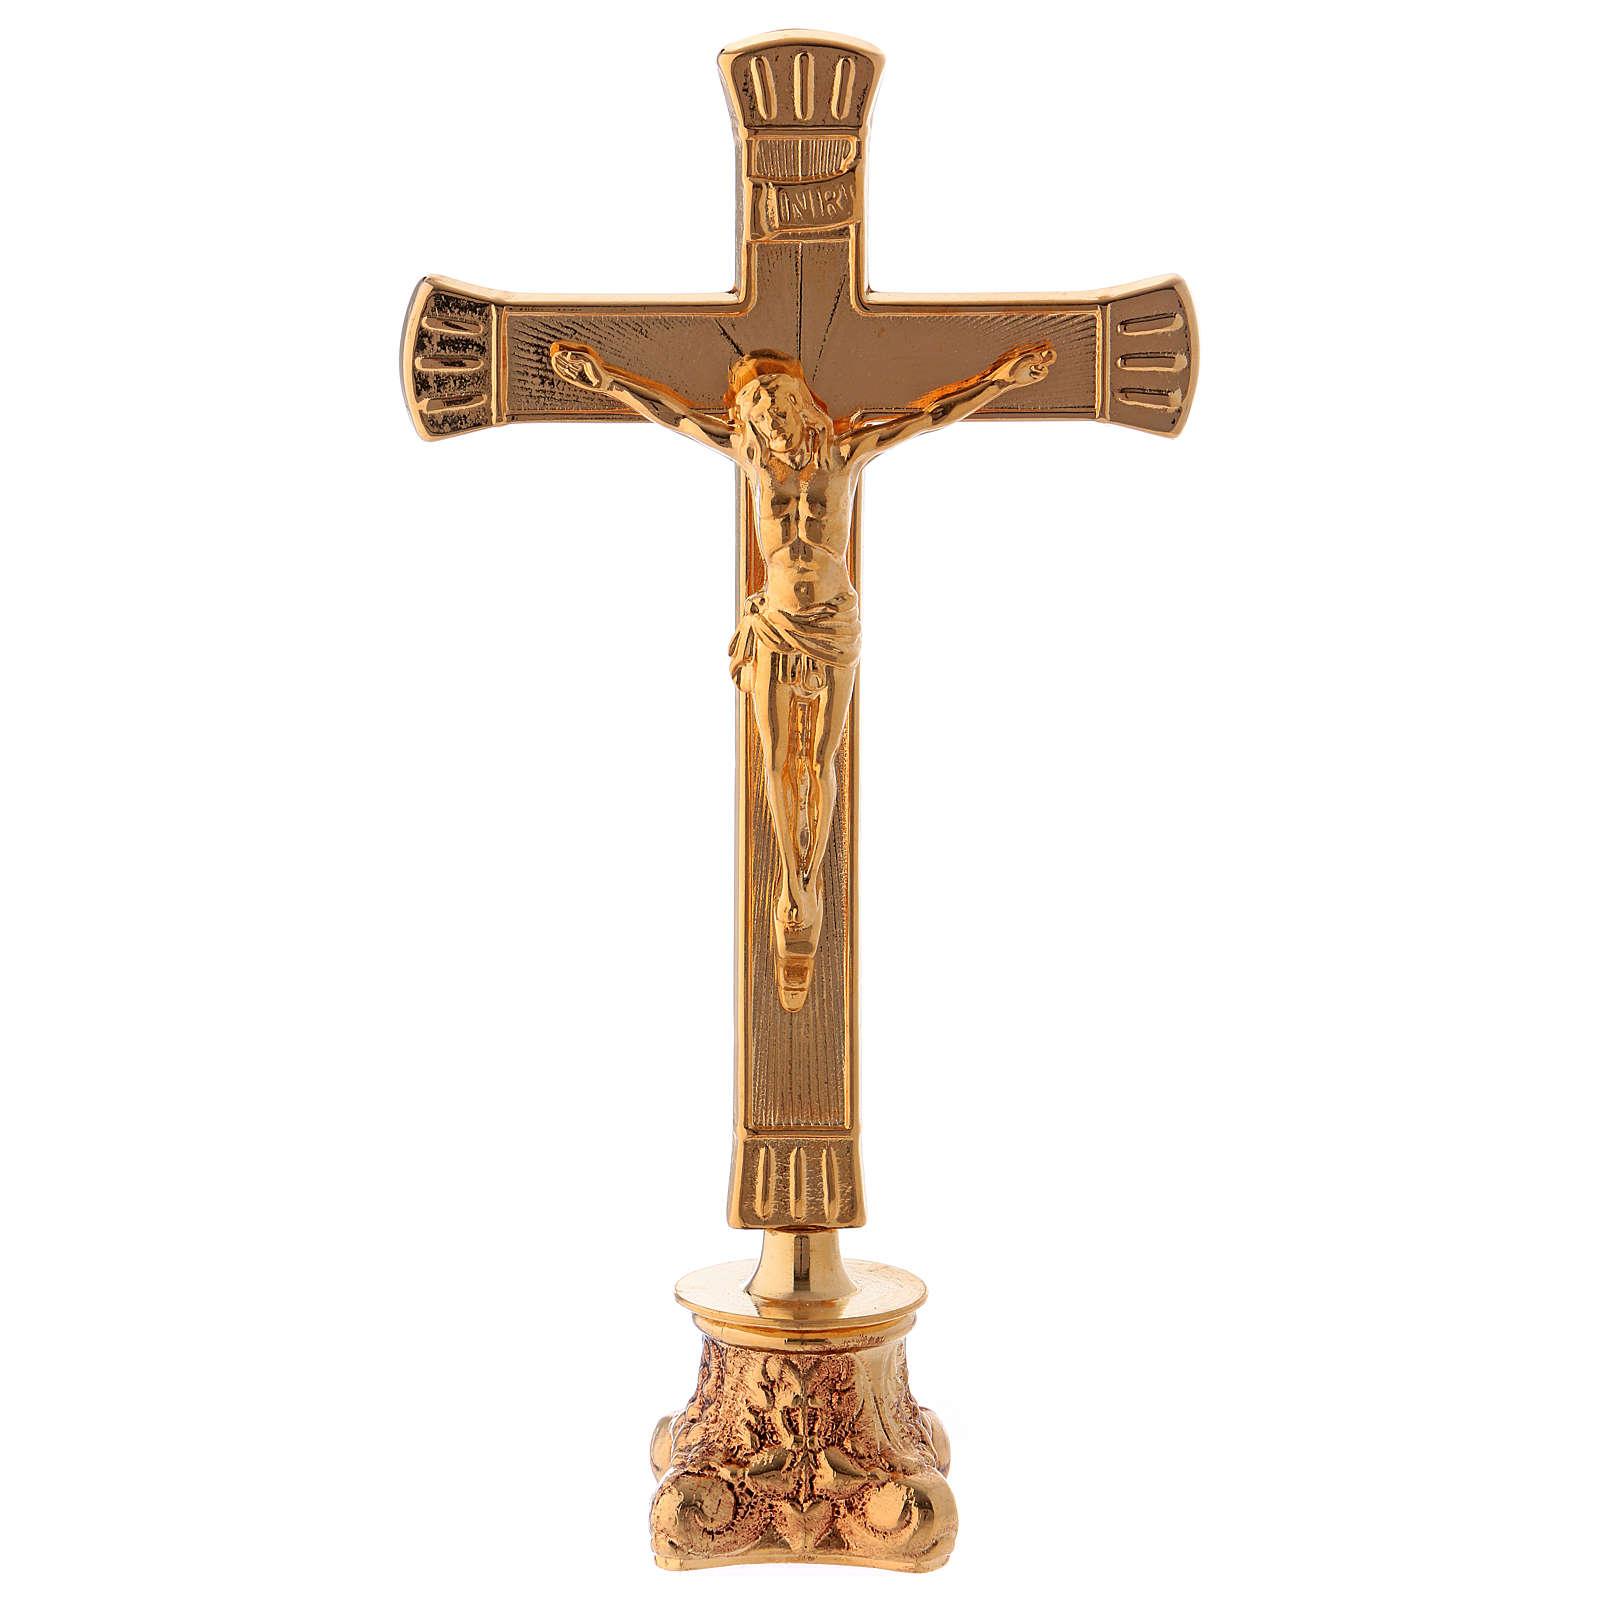 Crocefisso da altare in ottone dorato lucido con base anticata 4